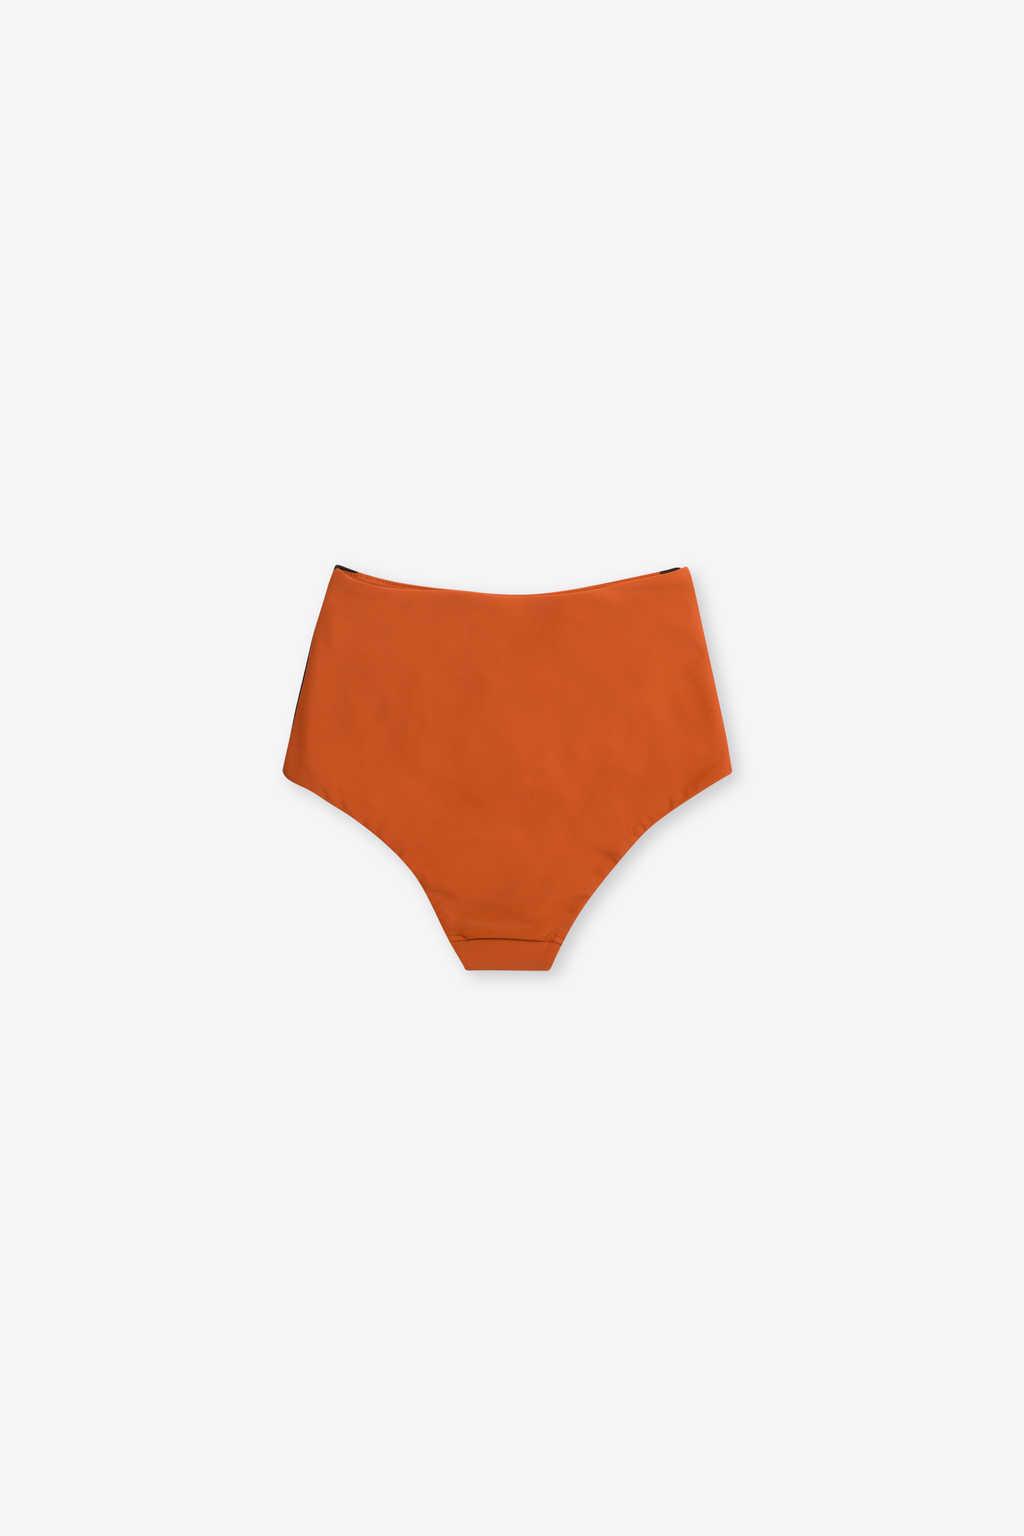 High Waist Bikini Bottom 2205 Orange 7